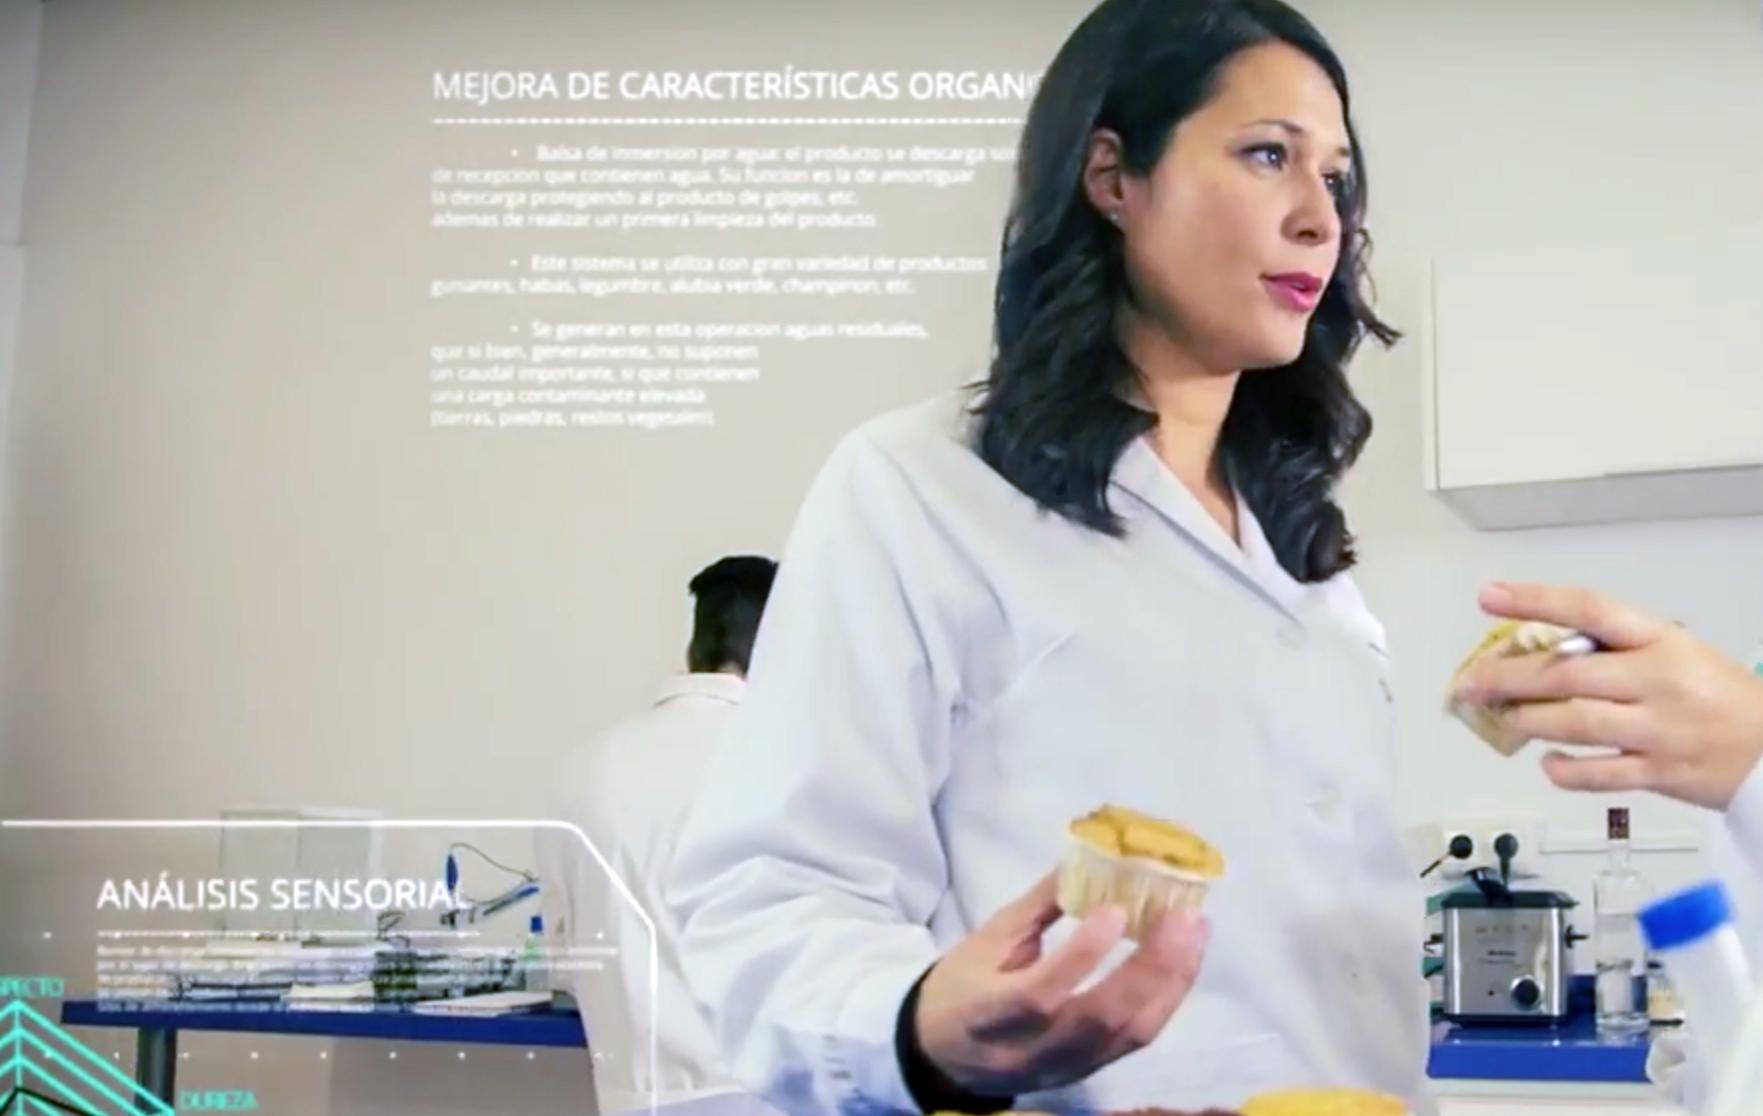 sigma-biotech-alcanza-100-proyectos-de-idi-para-sus-mas-de-80-clientes-alimentarios-desde-su-apertura-en-2013